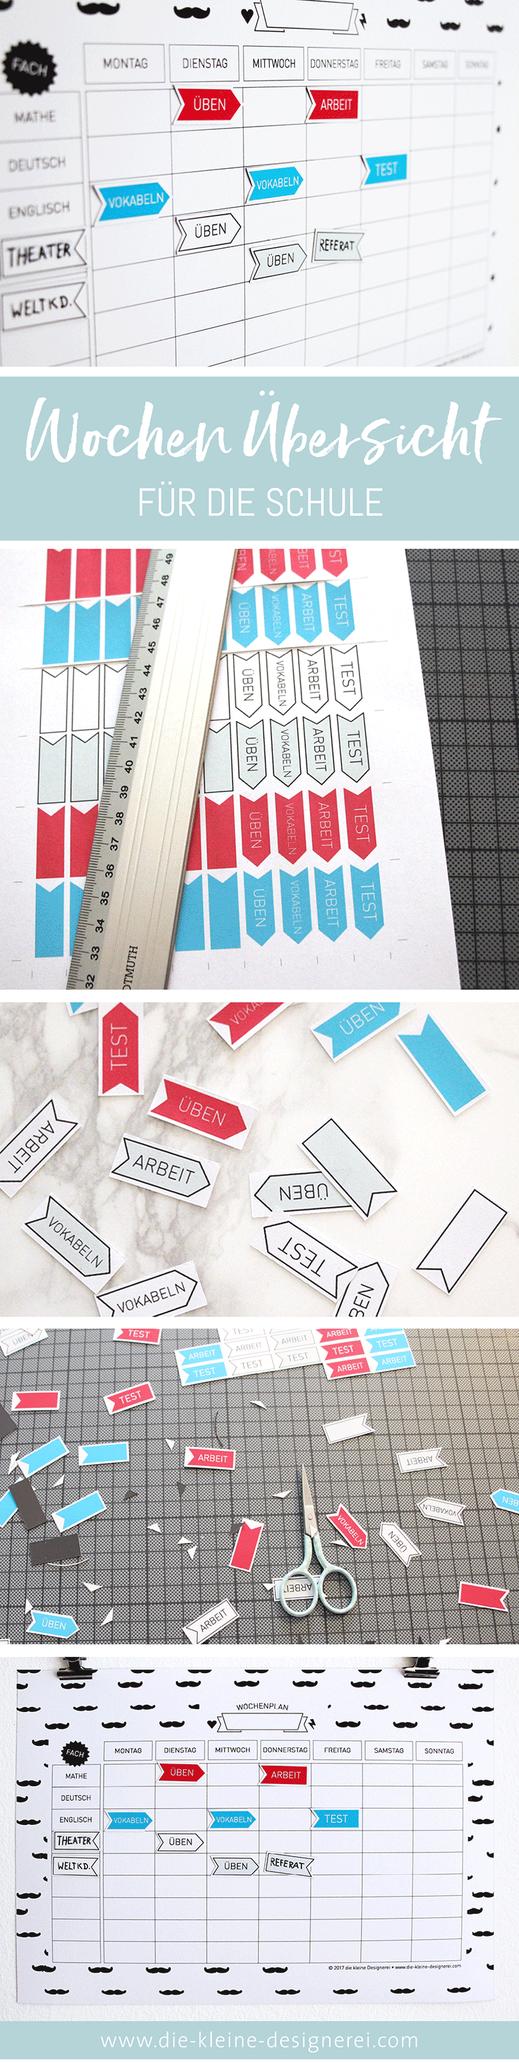 Damit du den Überblick in der Schule behälst: Wochenplaner auf Magnetfolie für Inkjet ausdrucken, ausschneiden und fertig. Jetzt downloaden auf www.die-kleine-designerei.com